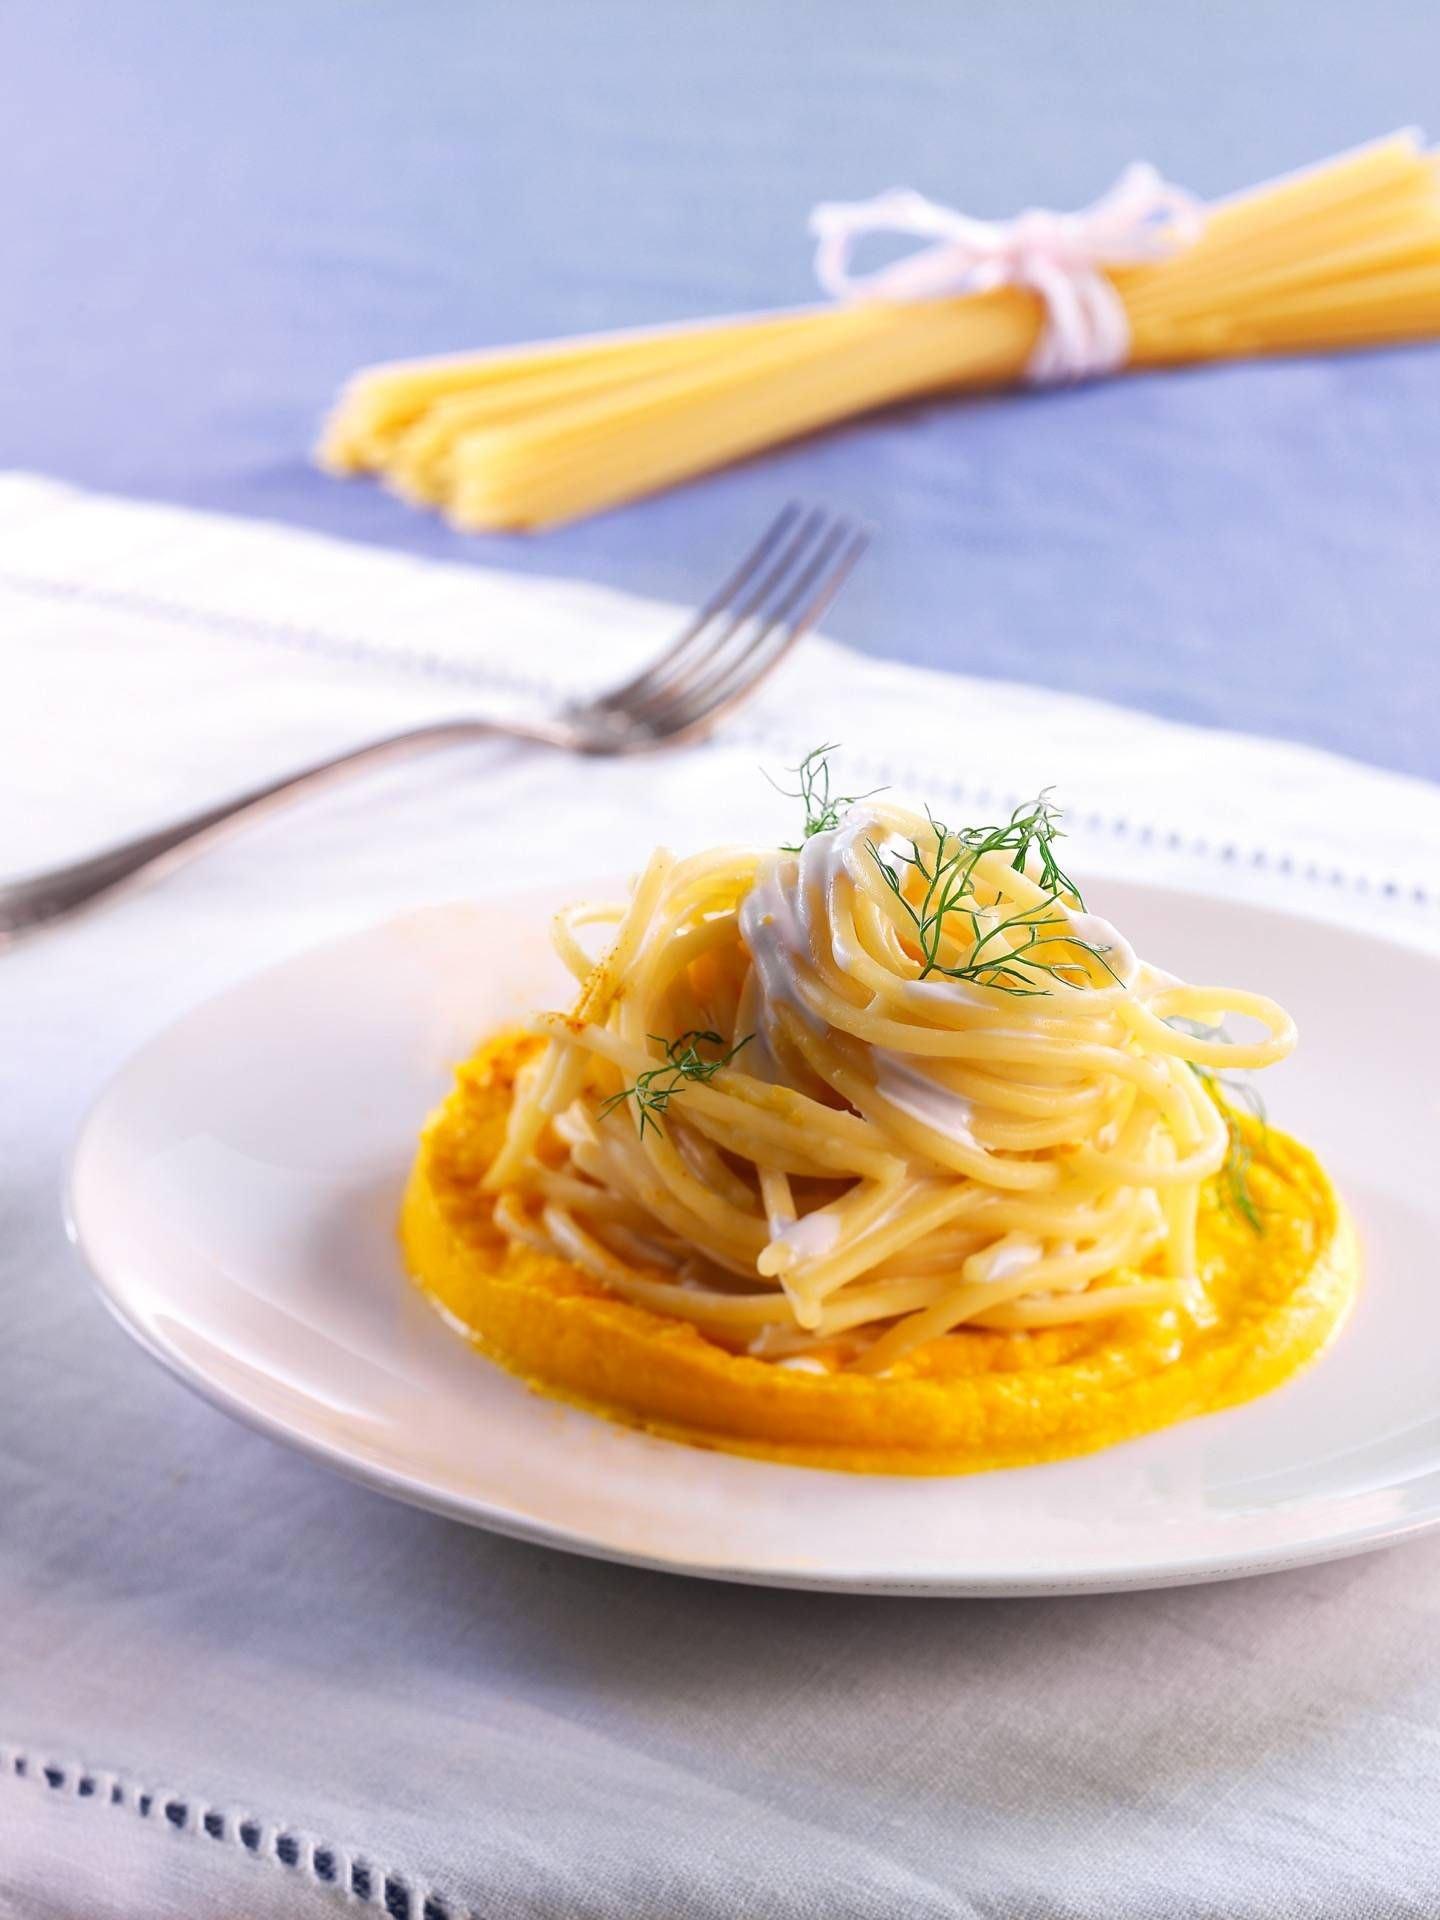 Spaghetti con panna, vellutata di carote e curcuma - Parmalat